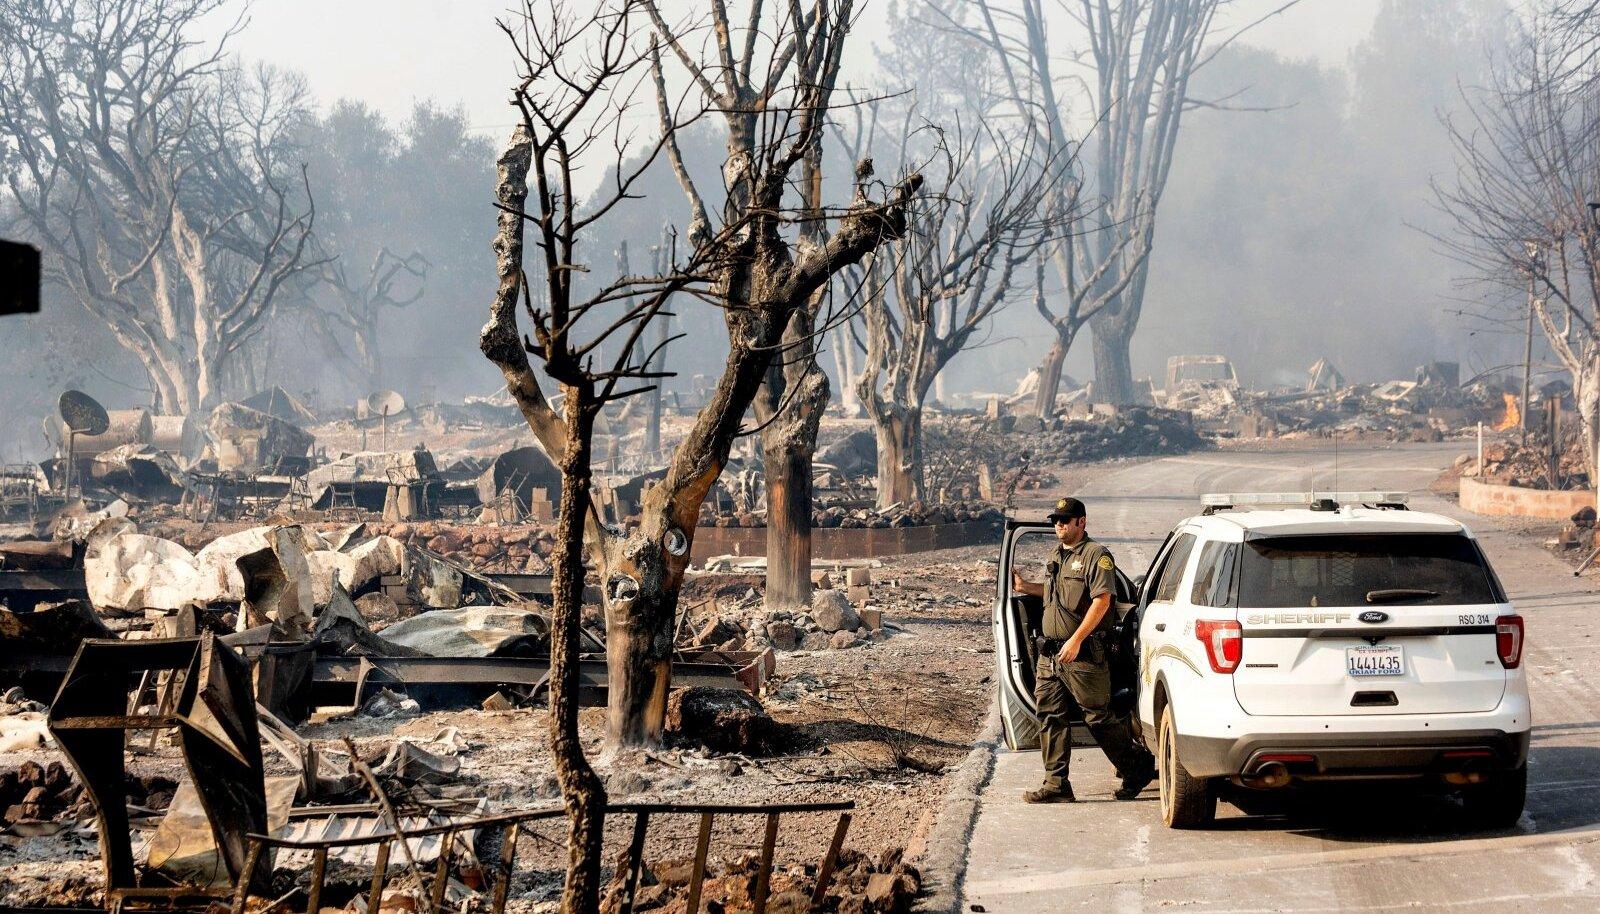 Kliimamuutused ei ole nišiprobleem, millel puudub seos ülejäänud eluga. Näiteks on muutuv kliima pikendanud USA iga-aastast põlenguperioodi tunduvalt.